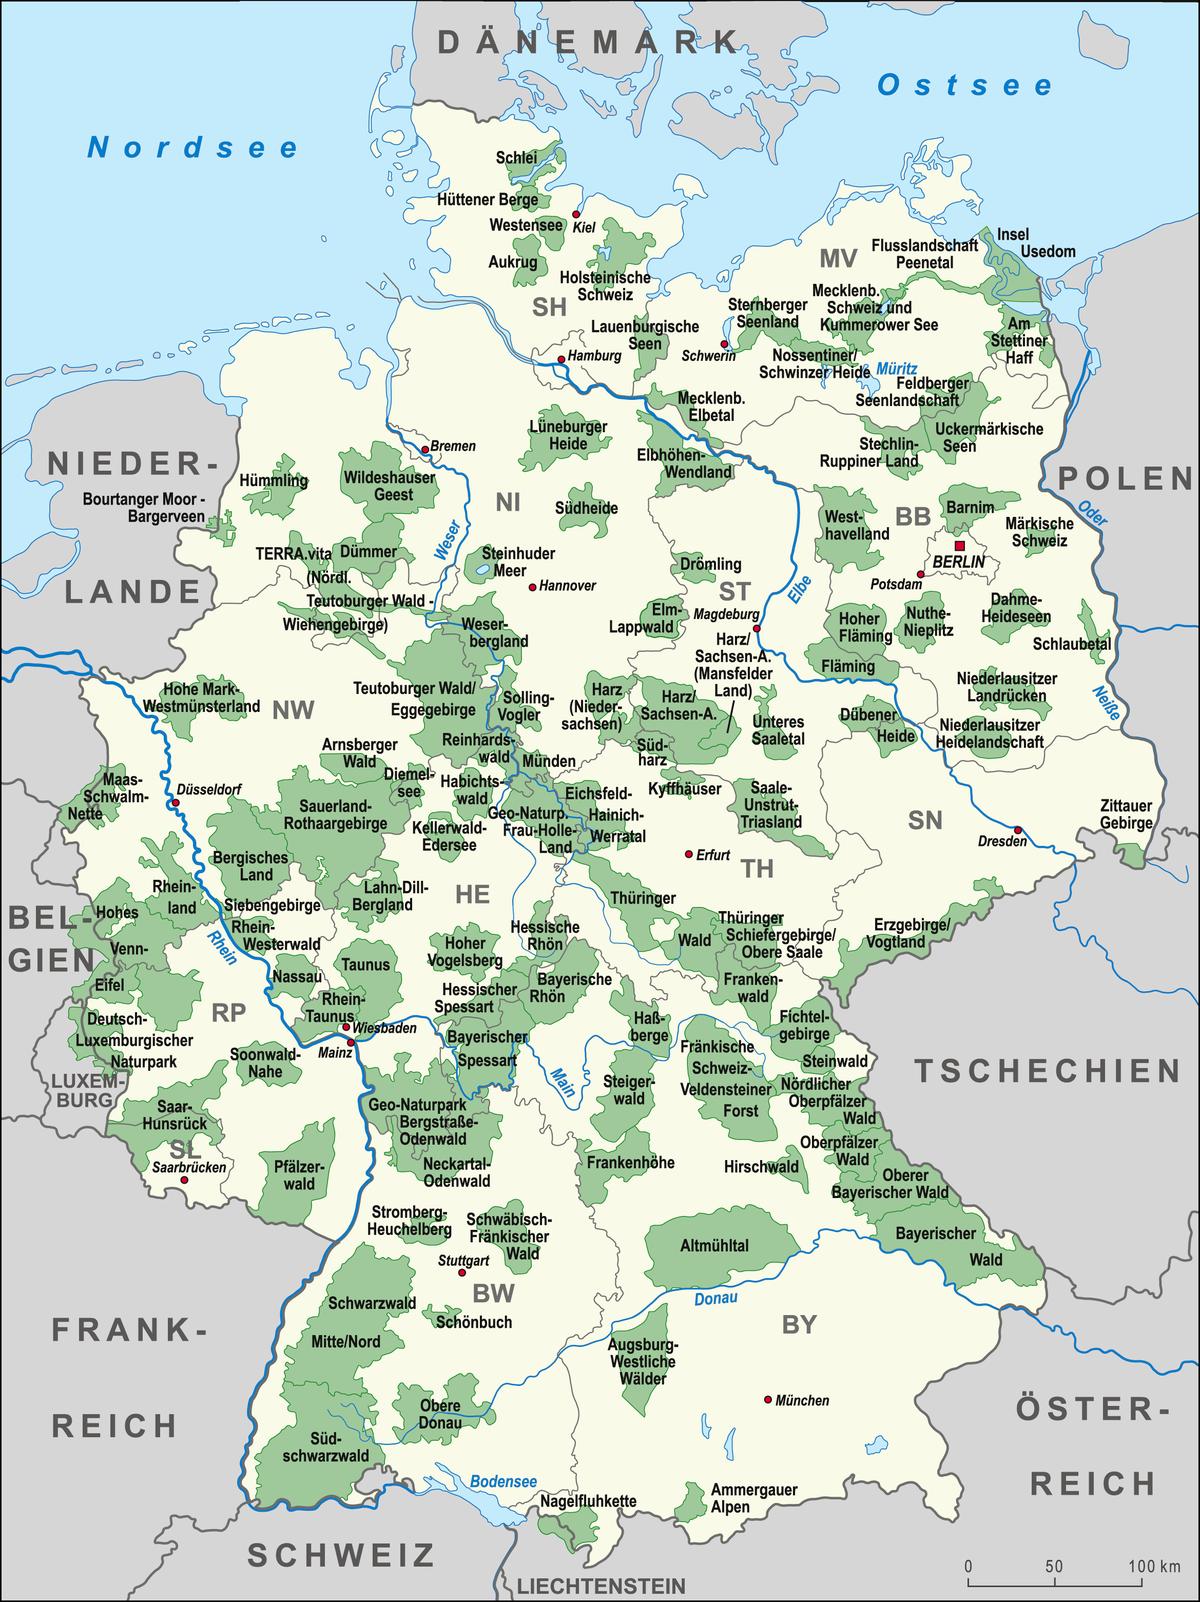 waldgebiete in deutschland karte Liste der Naturparks in Deutschland – Wikipedia